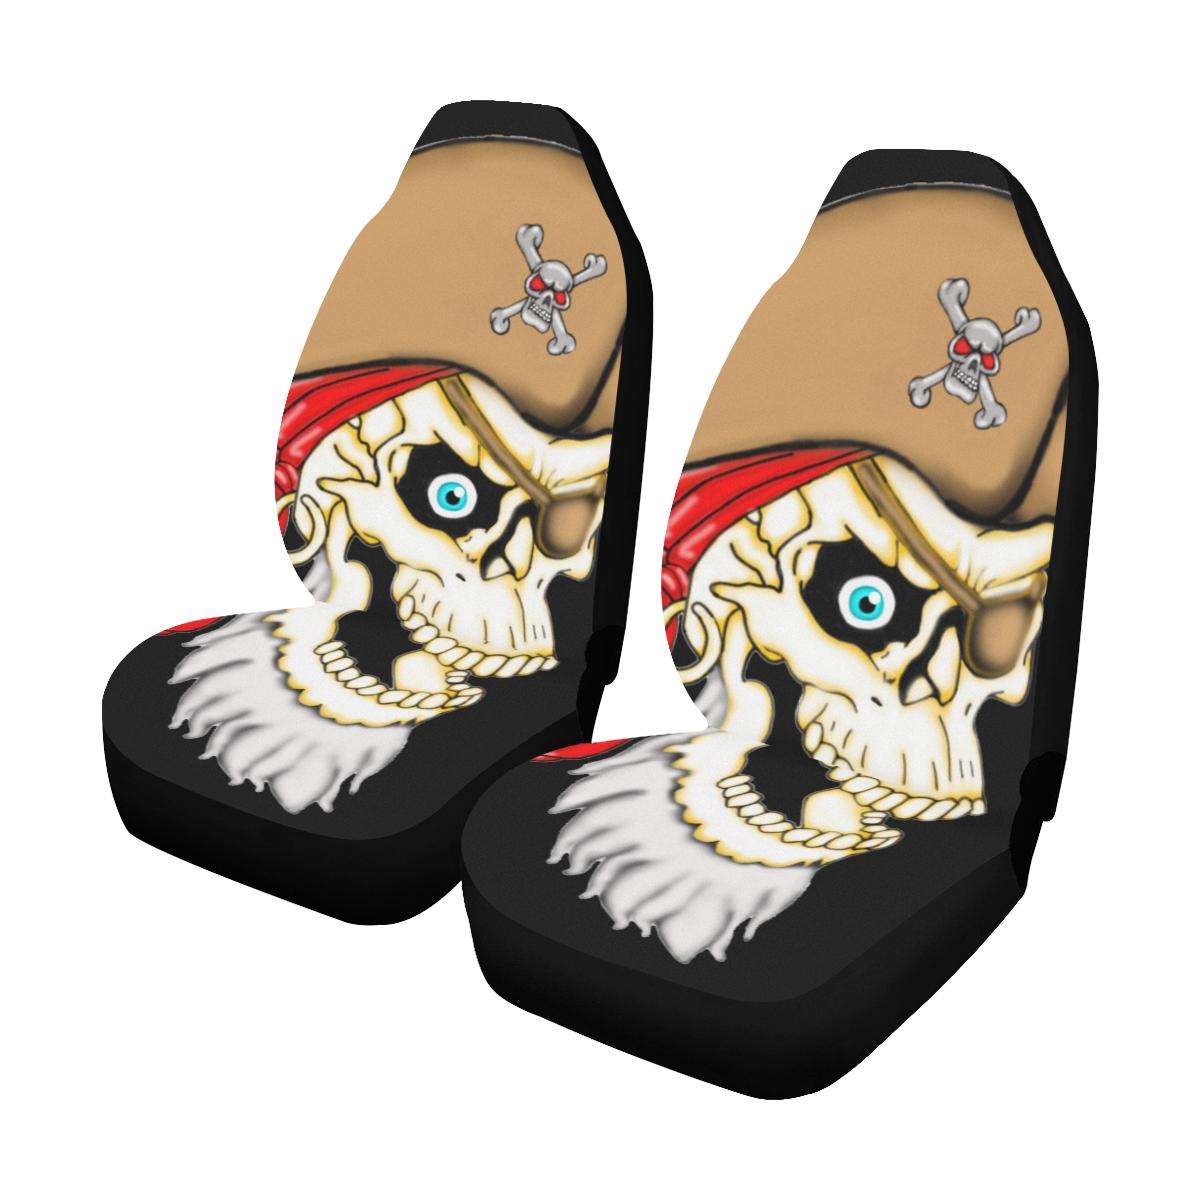 Pirate Sugar Skull Car Seat Covers Set Of 2